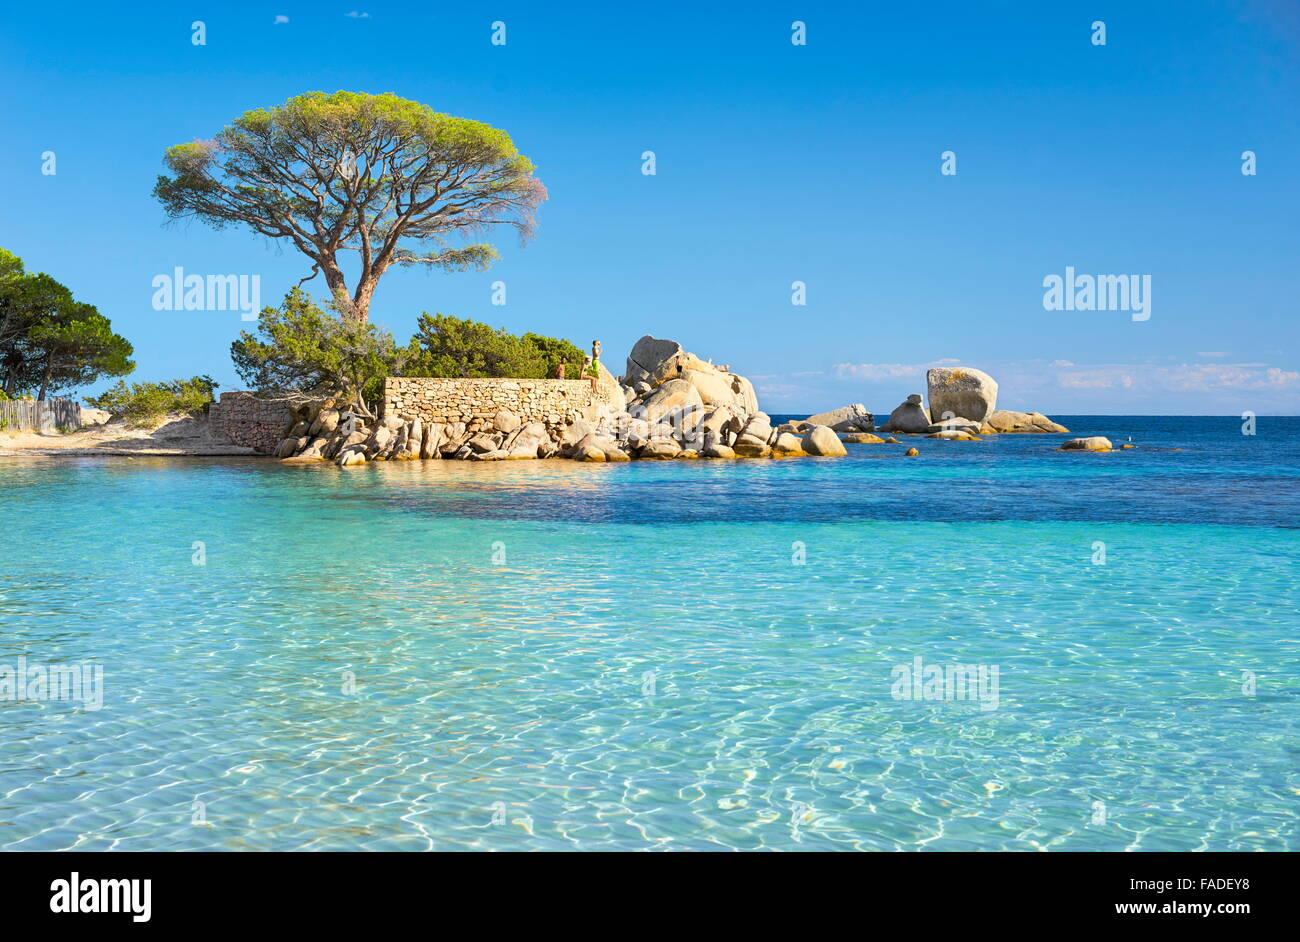 La spiaggia di Palombaggia, Porto-Vecchio, costa orientale della Corsica, Francia Immagini Stock